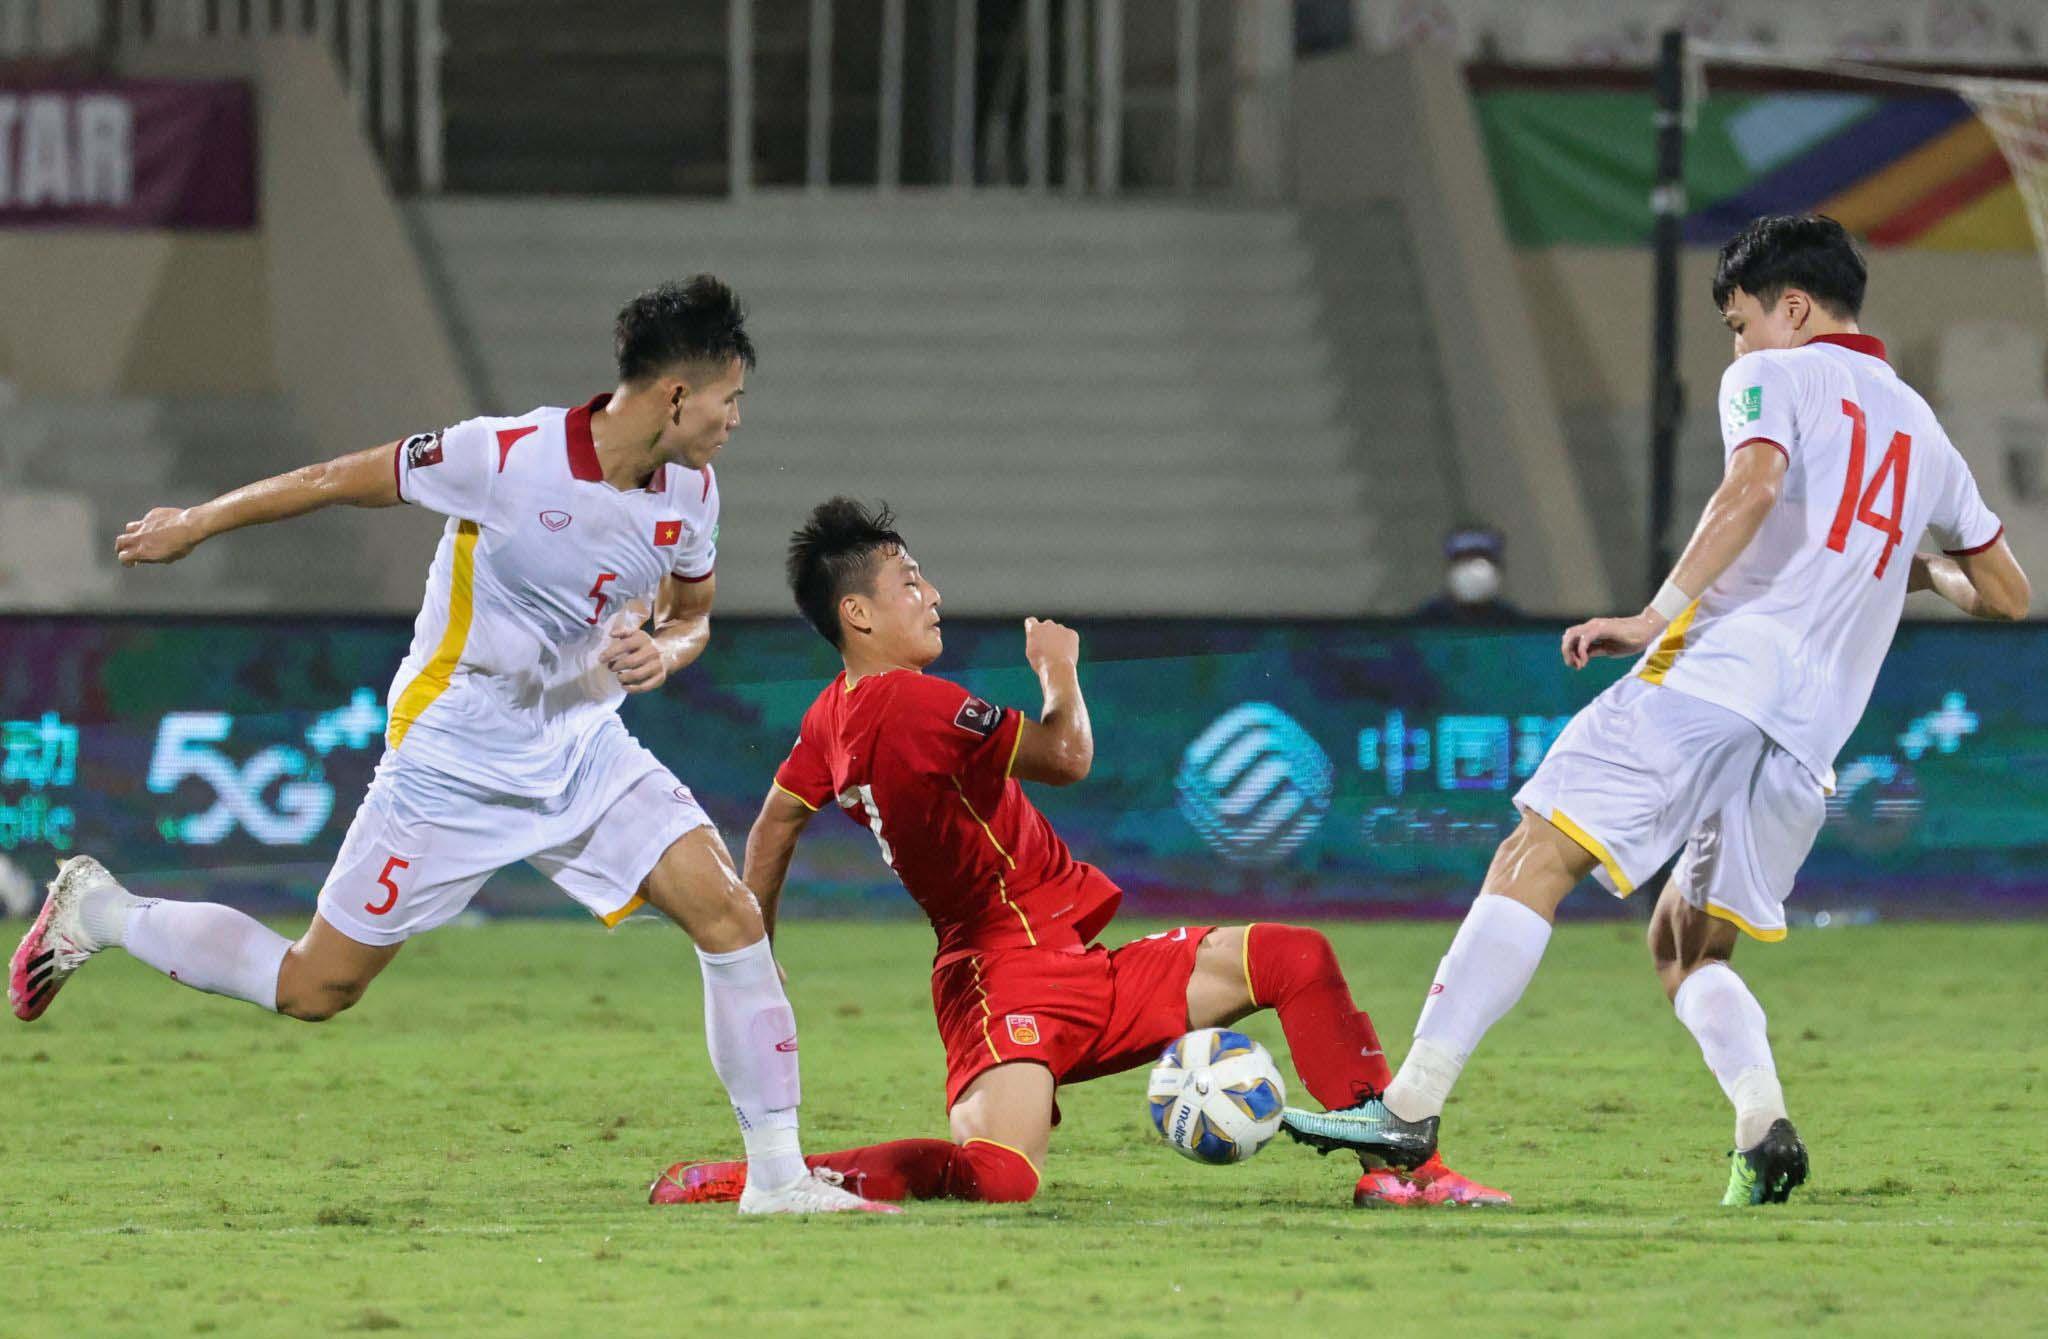 Trung vệ Nguyễn Thanh Bình  (số 5) vào sân thay người và mắc lỗi ở hai trong ba bàn thua của tuyển Việt Nam.